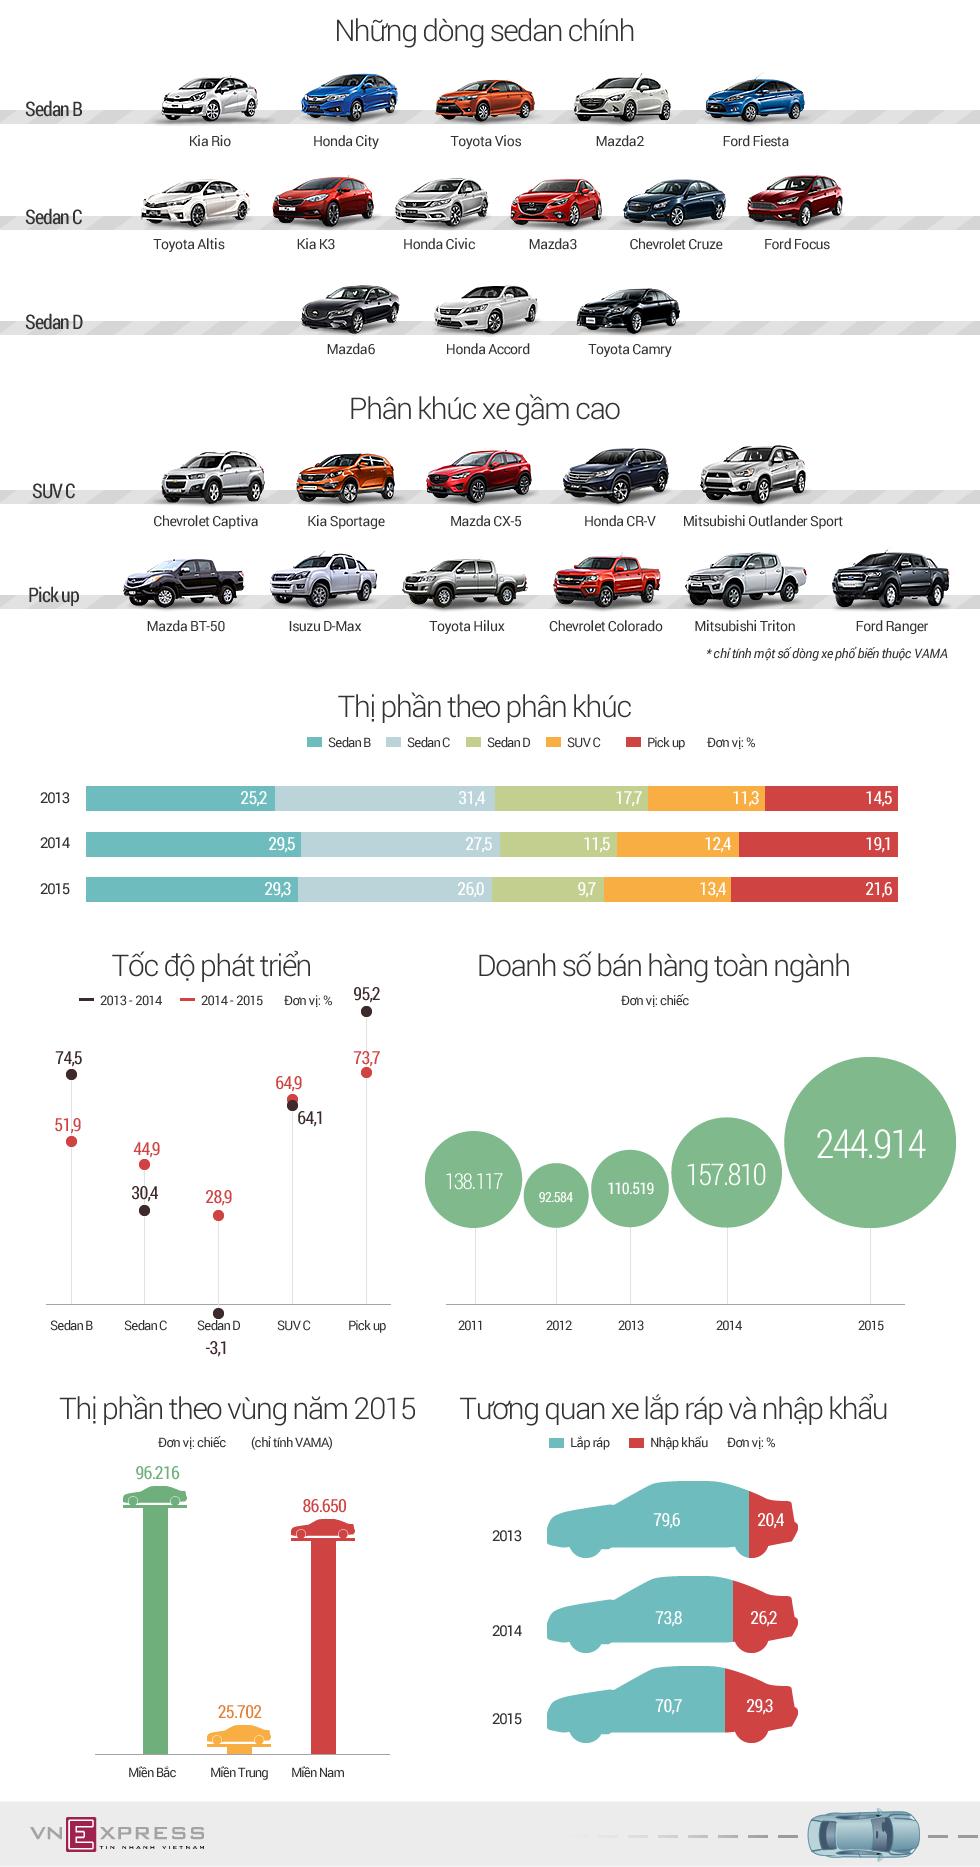 Người Việt ngày càng chuộng xe gầm cao